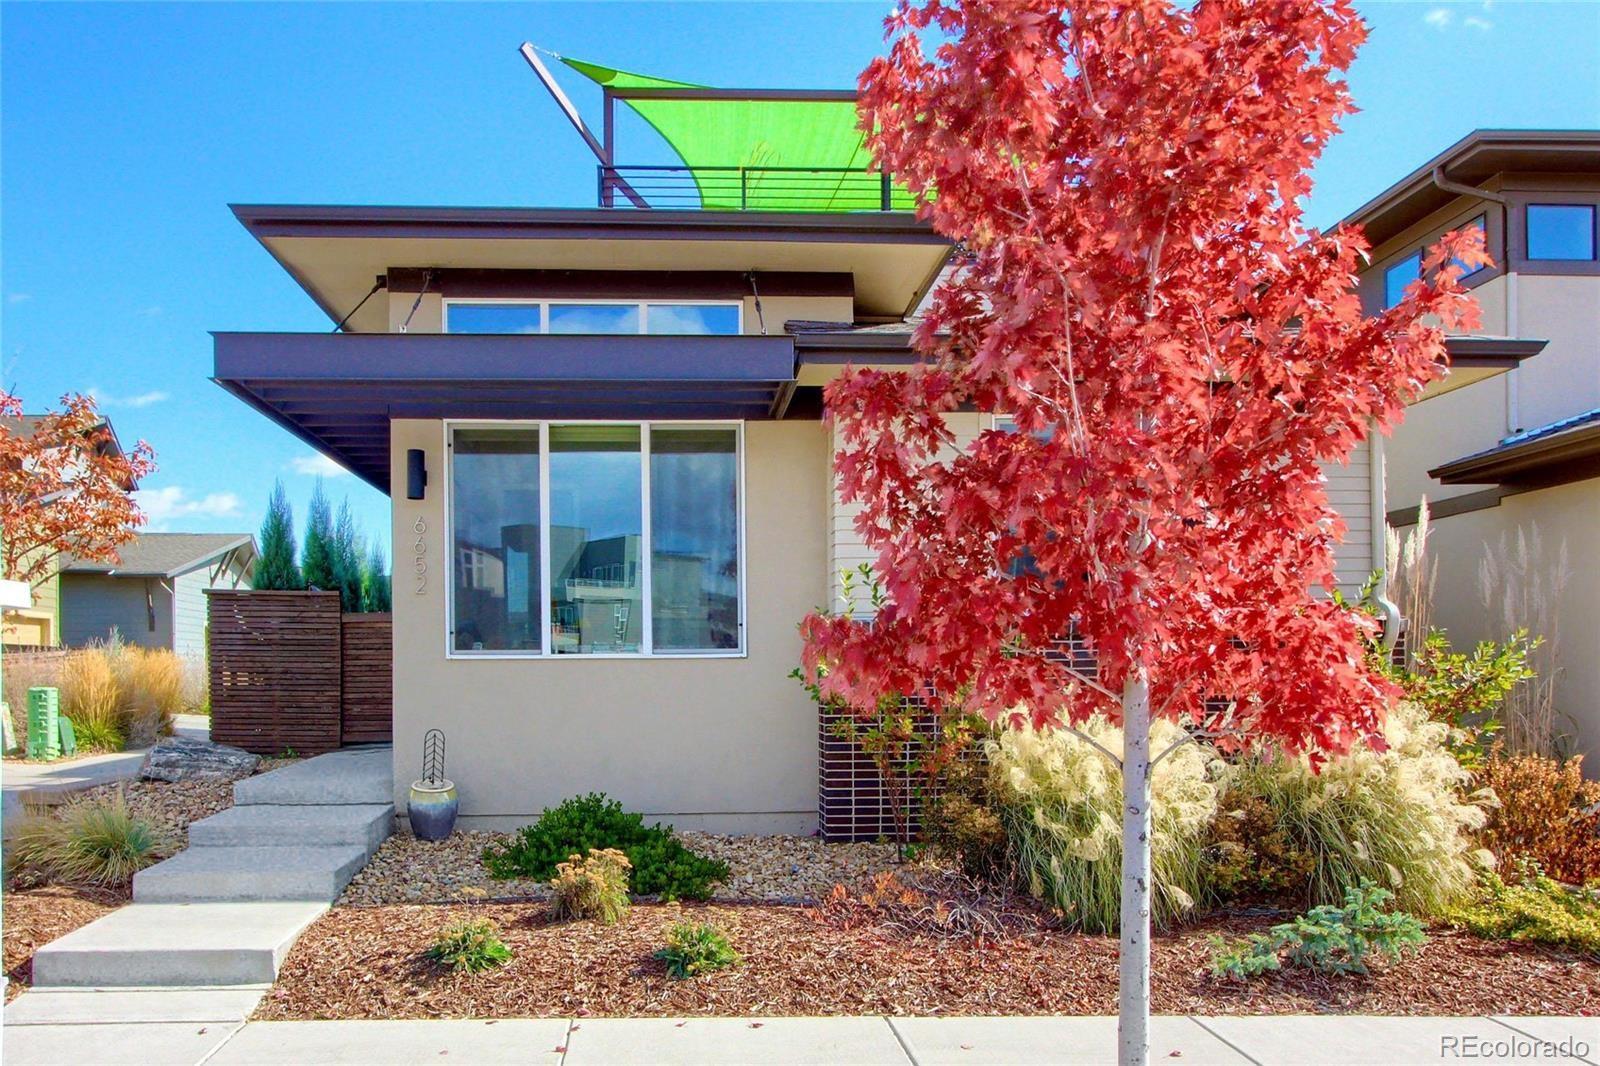 MLS# 5719967 - 2 - 6652 Larsh Drive, Denver, CO 80221